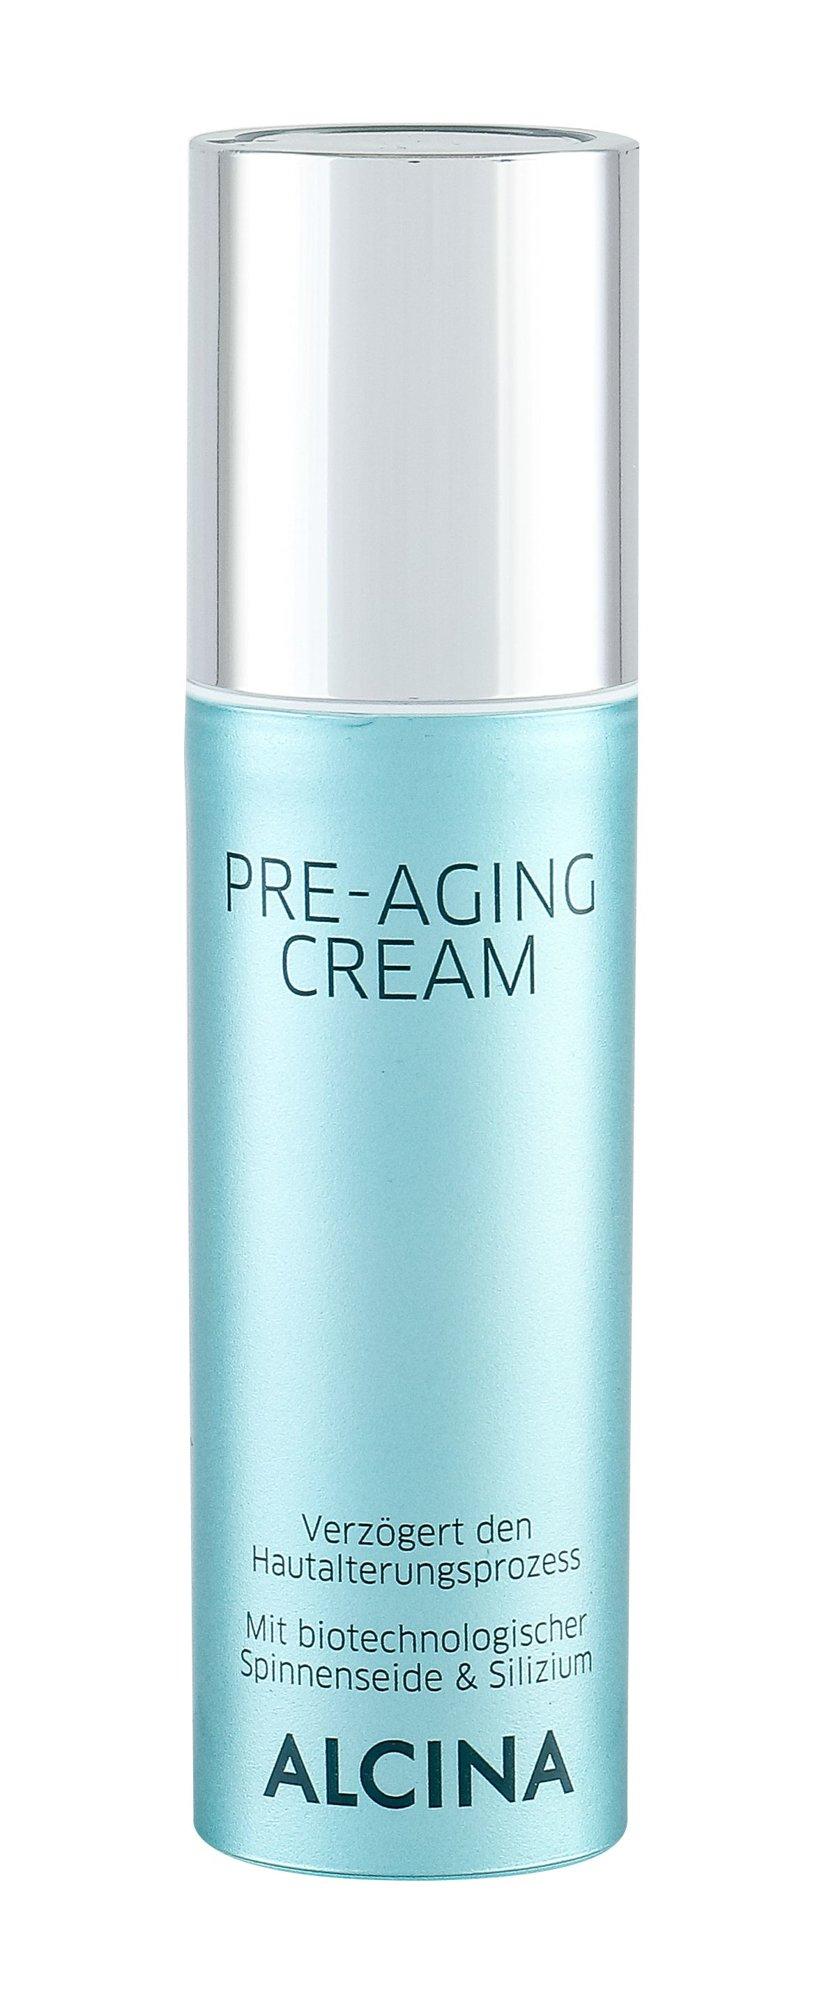 ALCINA Pre-Aging Day Cream 50ml